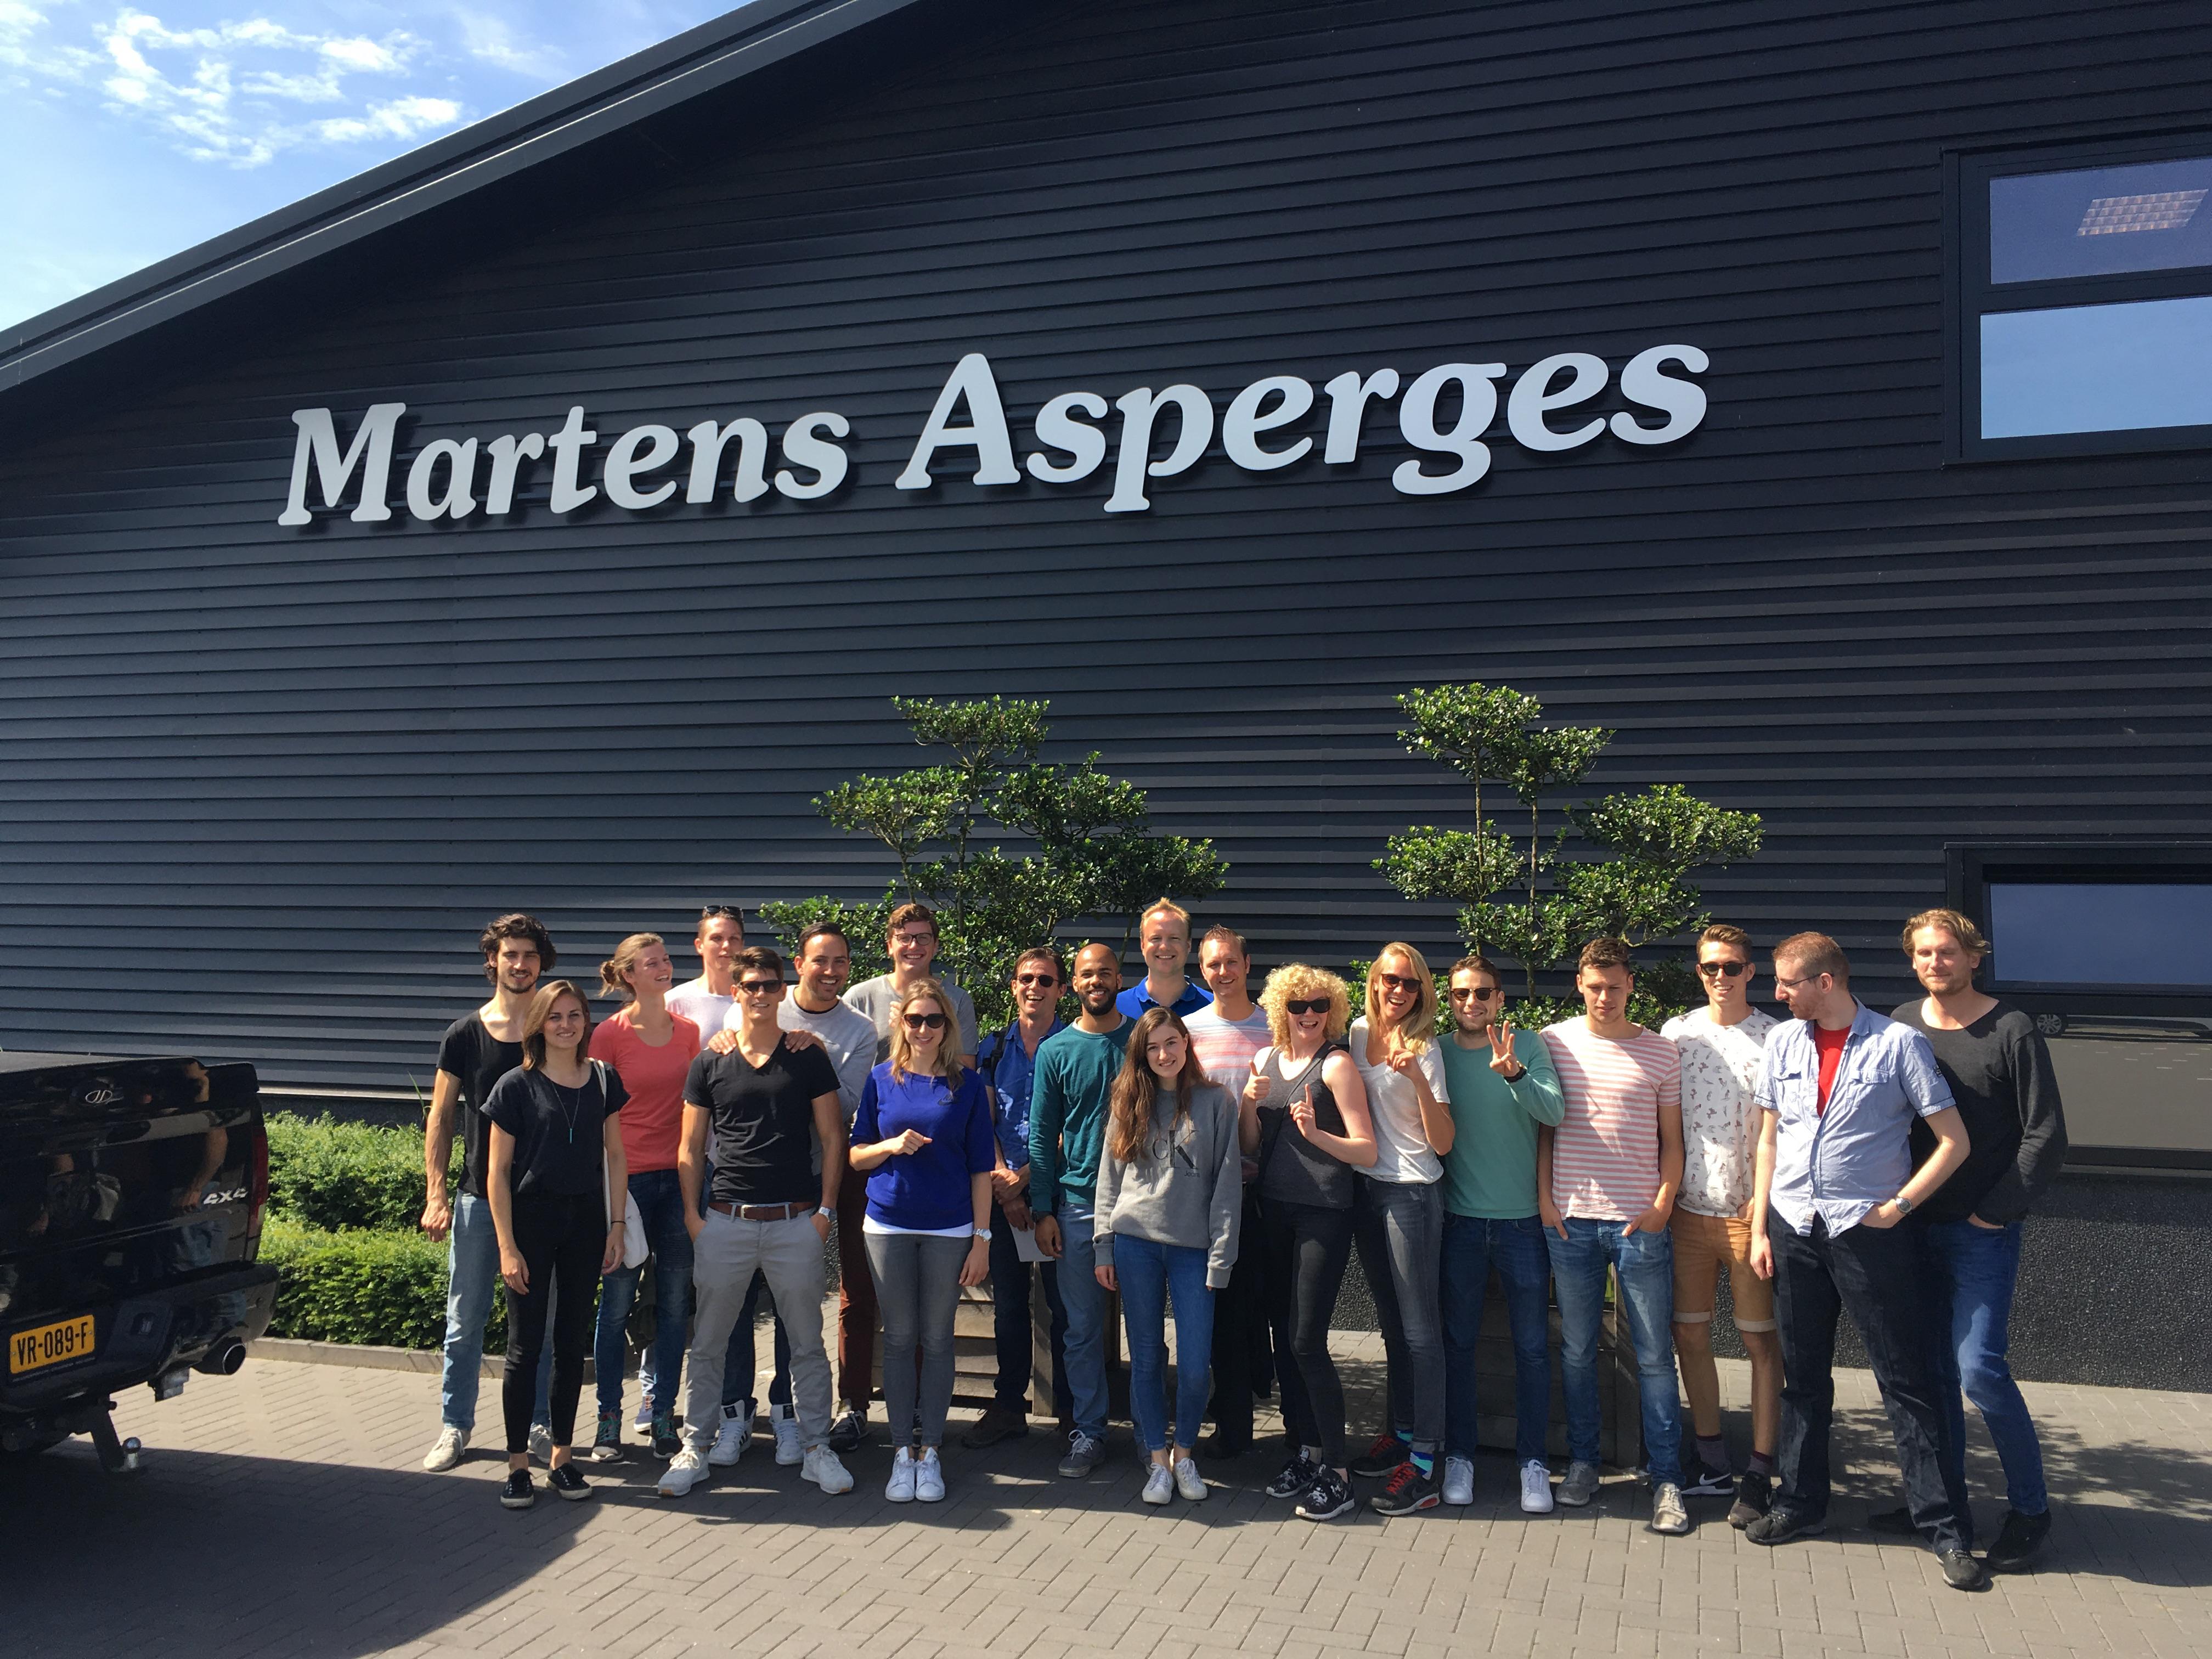 MobPro op aspergebezoek tijdens de Ardennen trip in 2016.